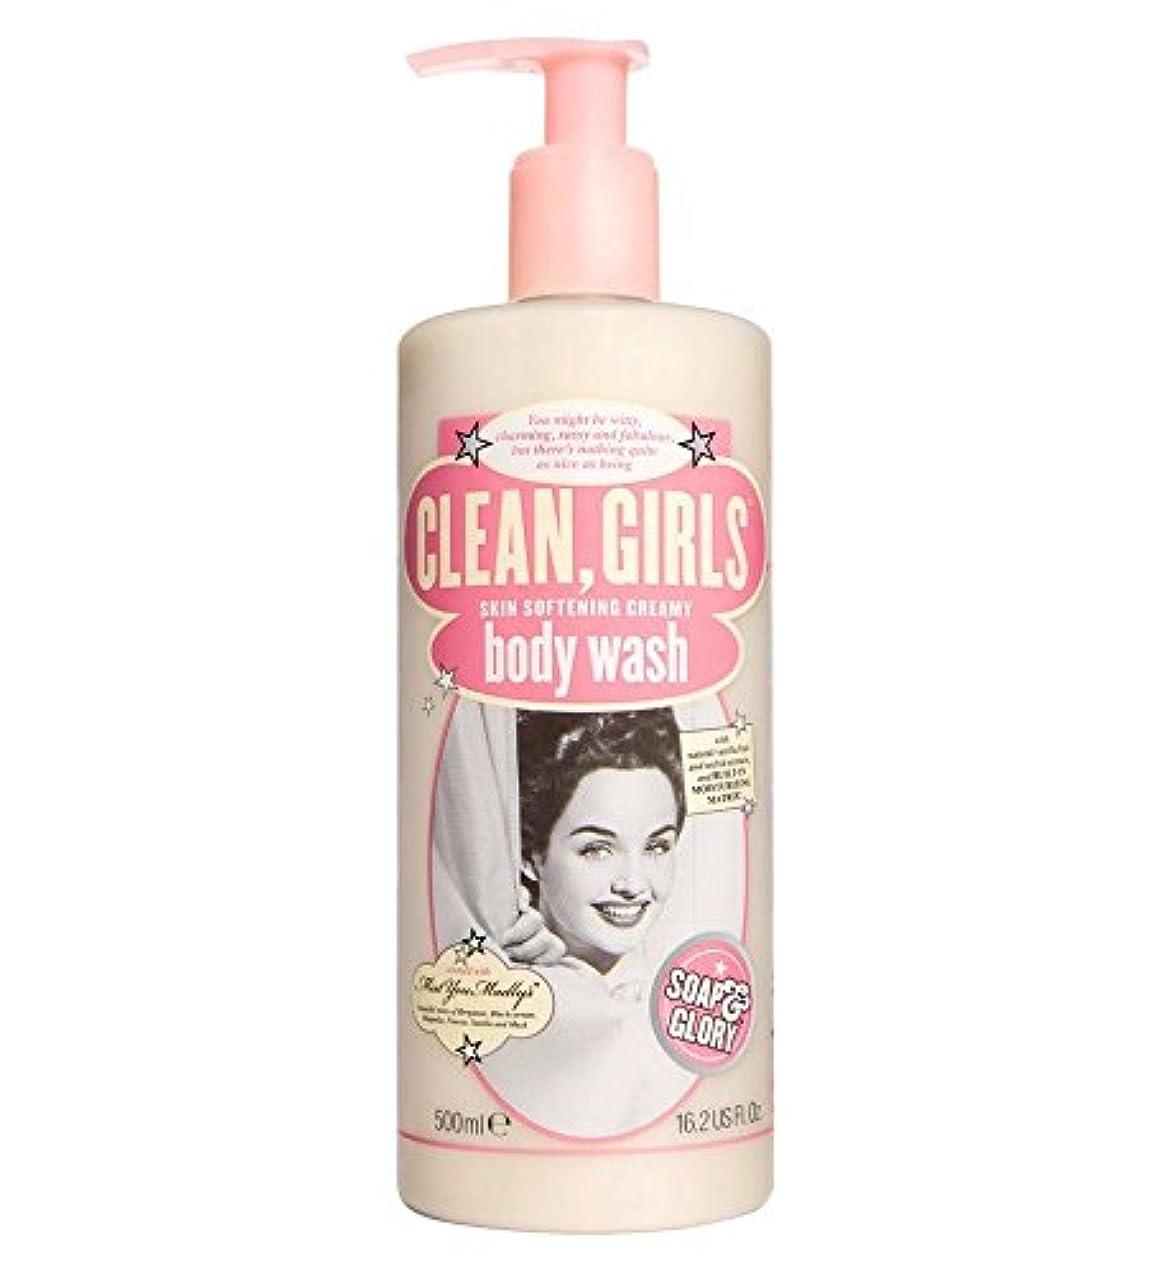 唯一責任者変形するSoap & Glory Clean Girls Body Wash 500ml by Soap & Glory [並行輸入品]